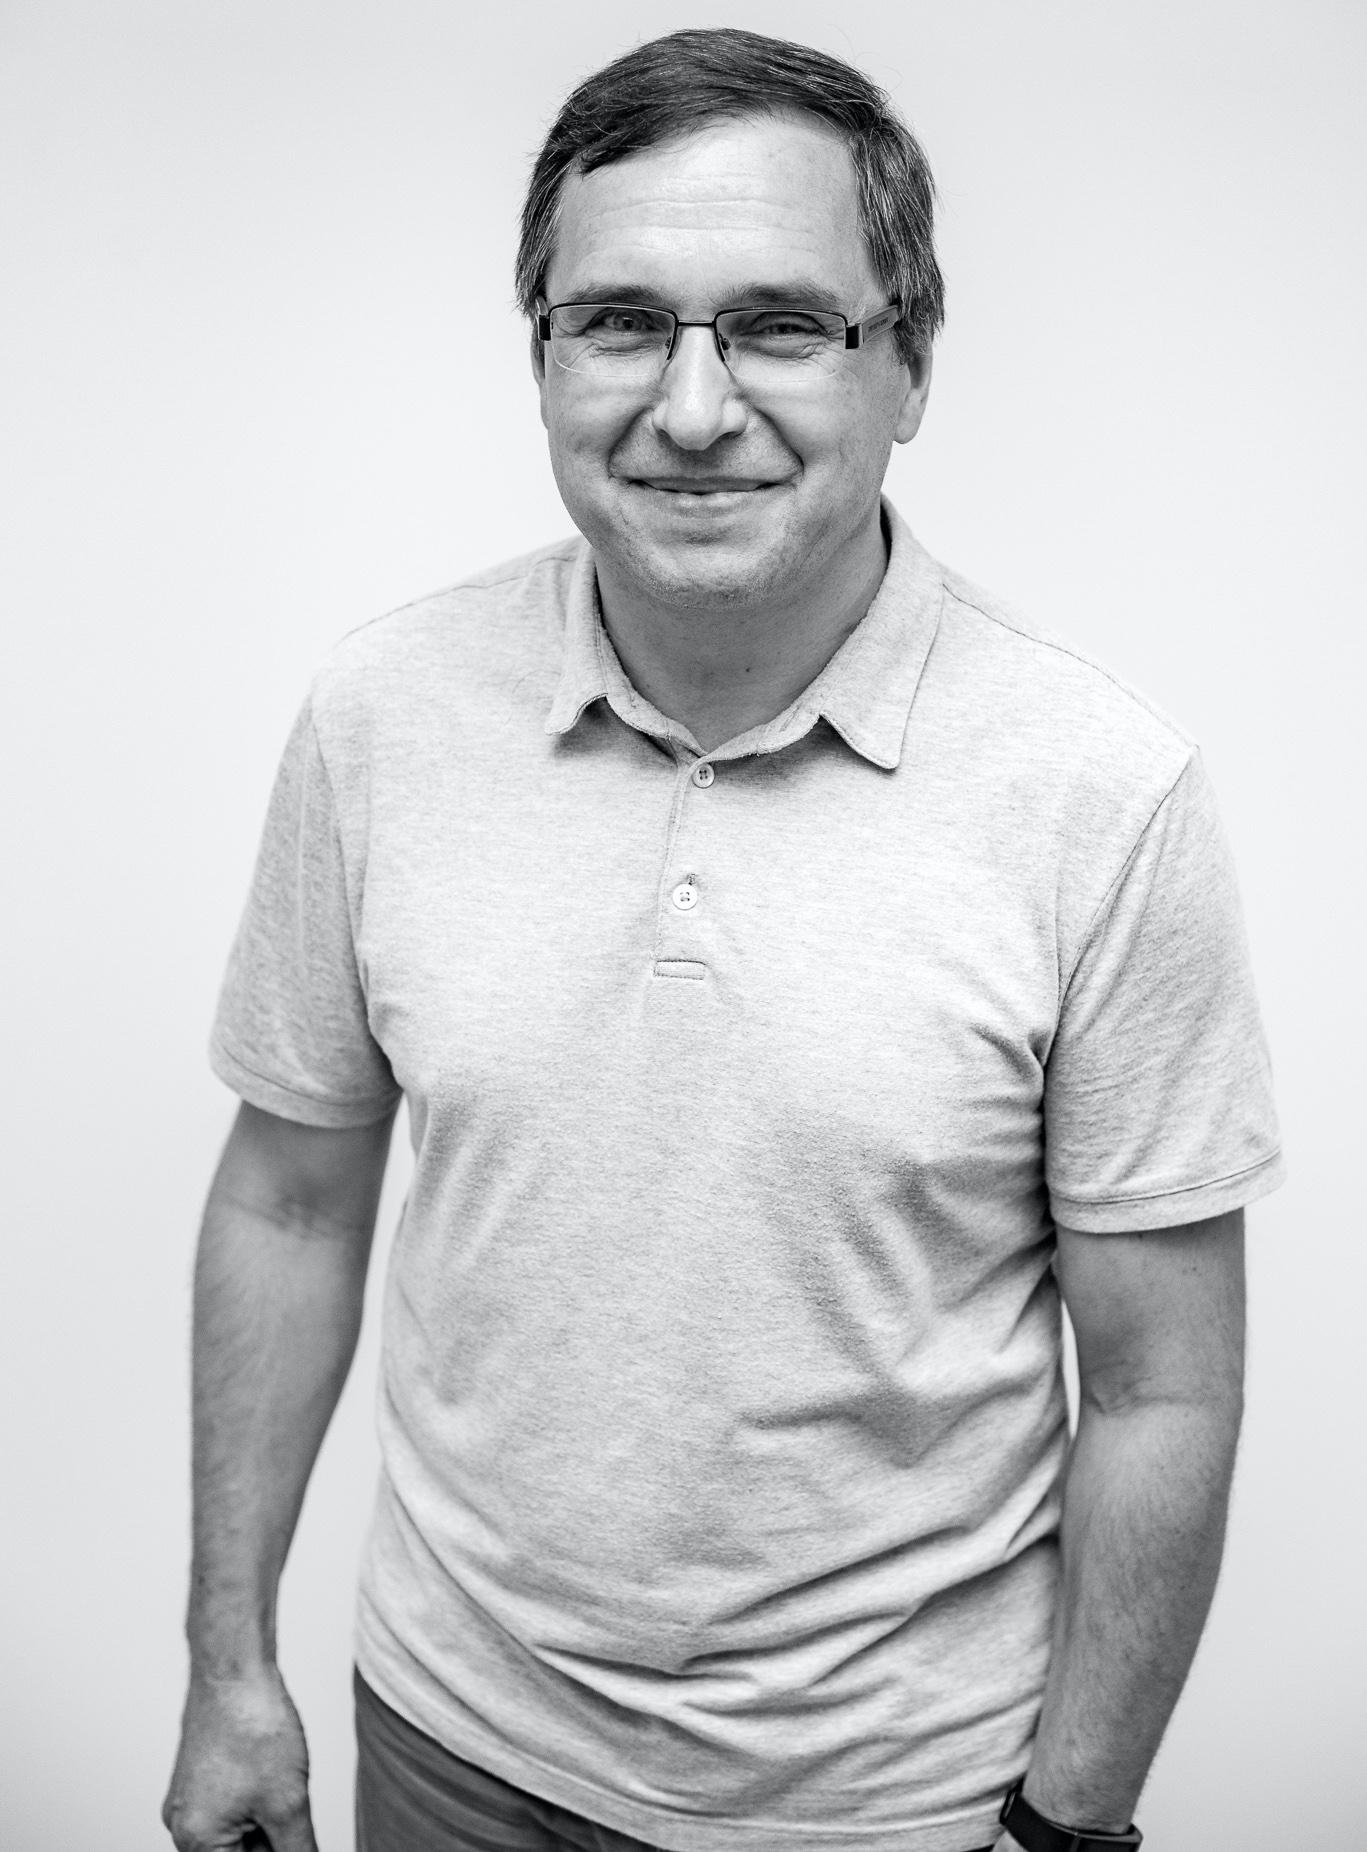 Gintaras Magelinskas